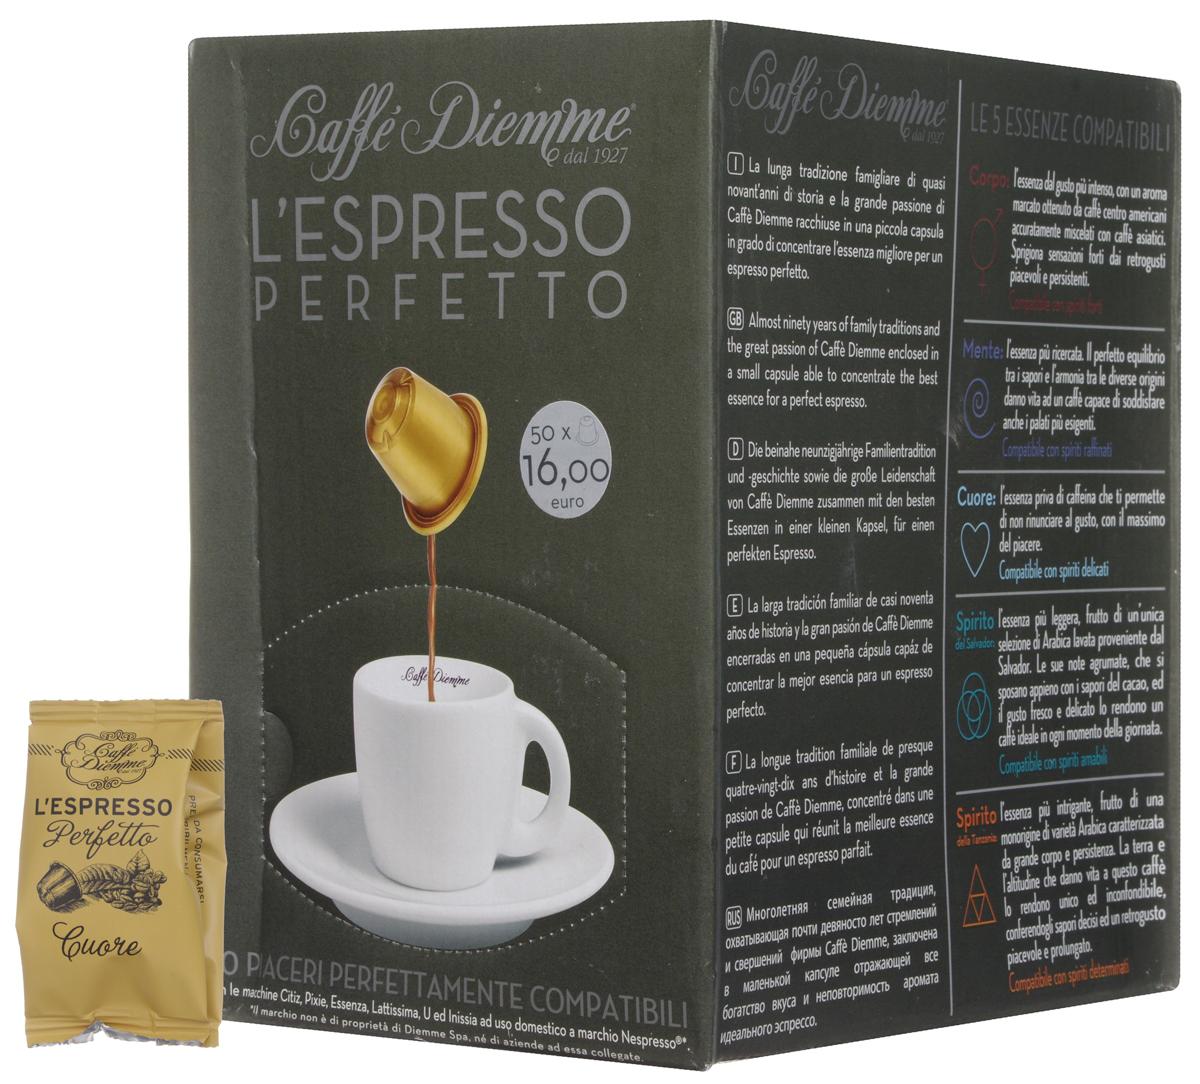 Diemme Caffe Cuore кофе в капсулах, 50 шт8003866001107Аромат Diemme Caffe Cuore, не содержащий кофеина, позволяет не отказываться от богатой палитры аромата натурального кофе, и приносимого им удовольствия. Этот аромат предназначен для деликатных особ.